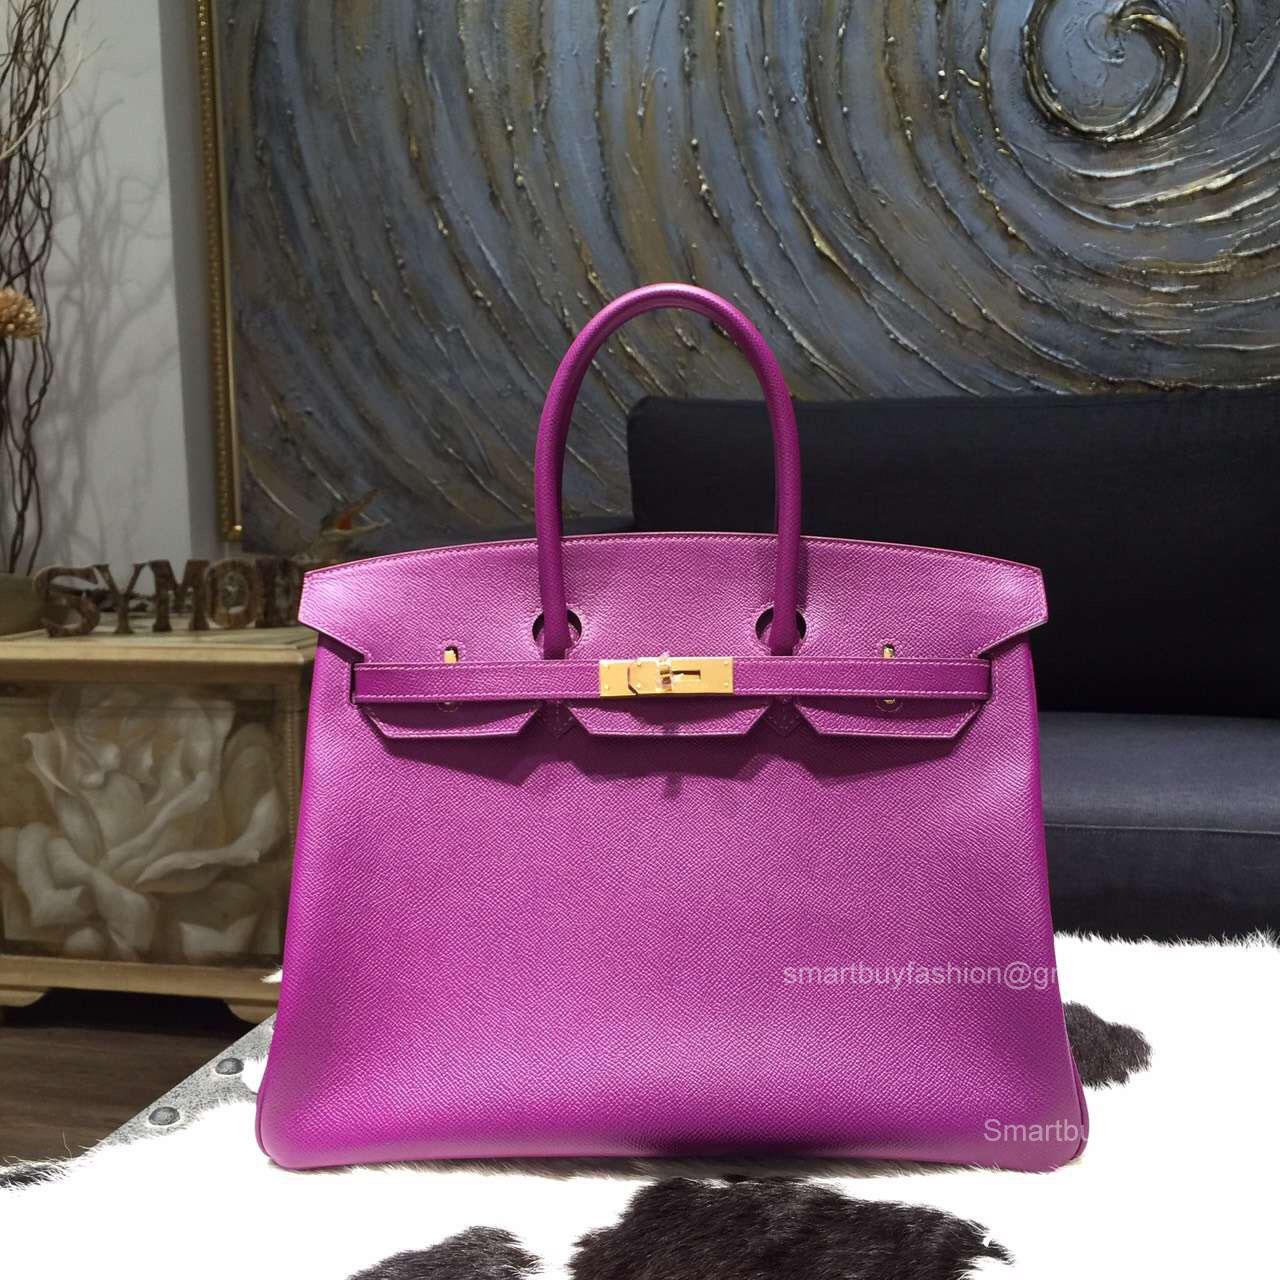 a49ca50a1d Hermes Birkin 35 Bag Anemone Epsom Leather Bag Handstitched Gold Hw